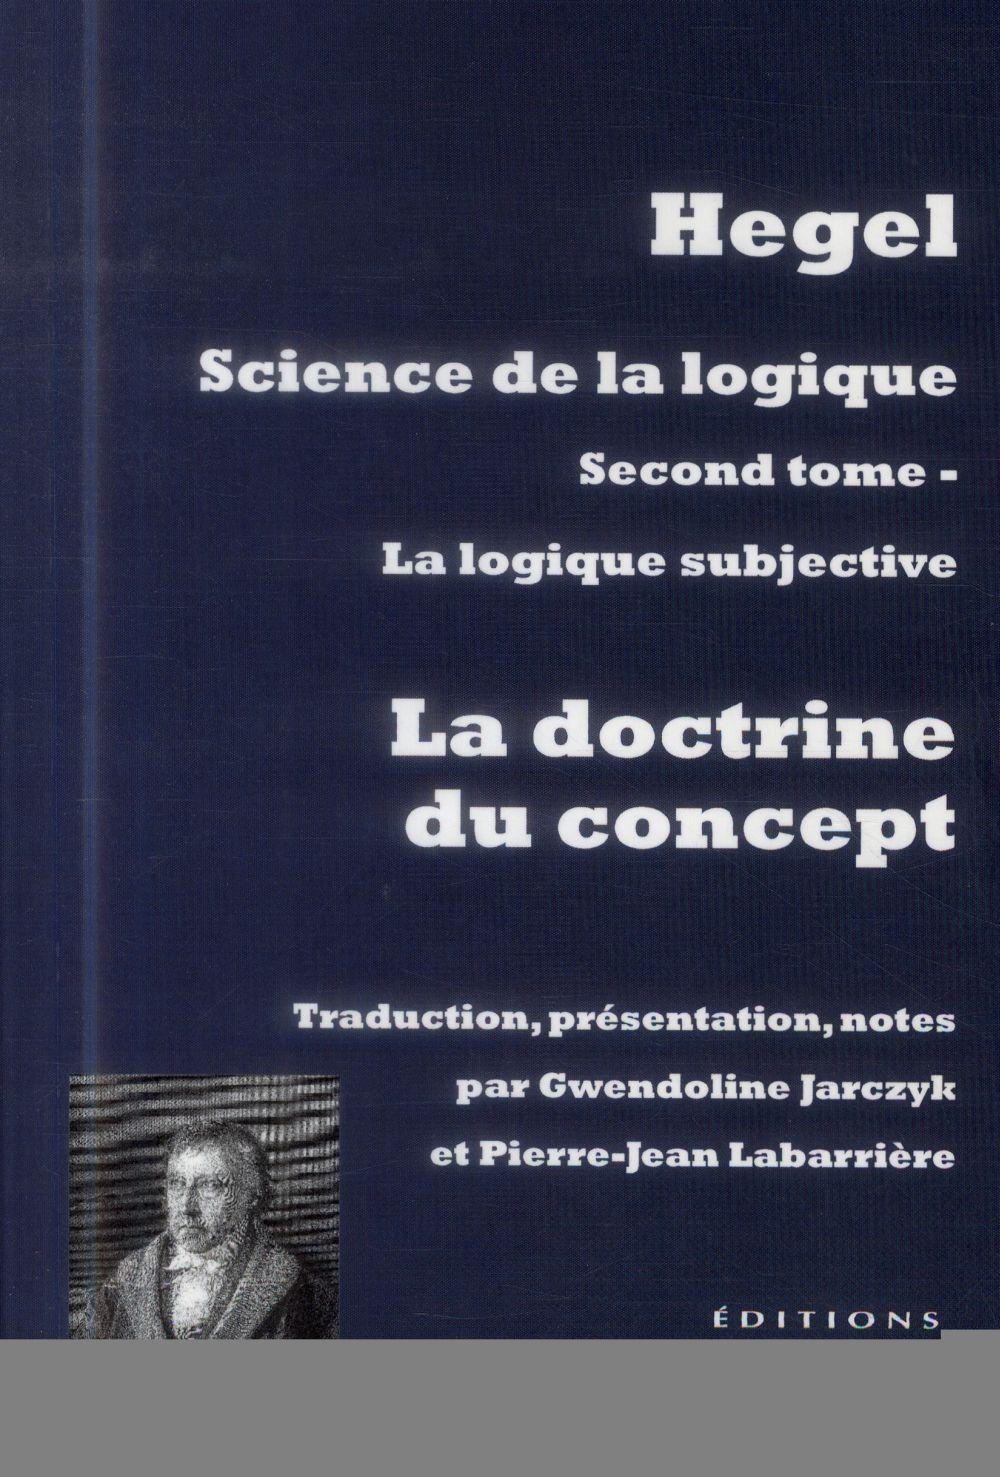 LA DOCTRINE DU CONCEPT - SCIENCE DE LA LOGIQUE T. 2